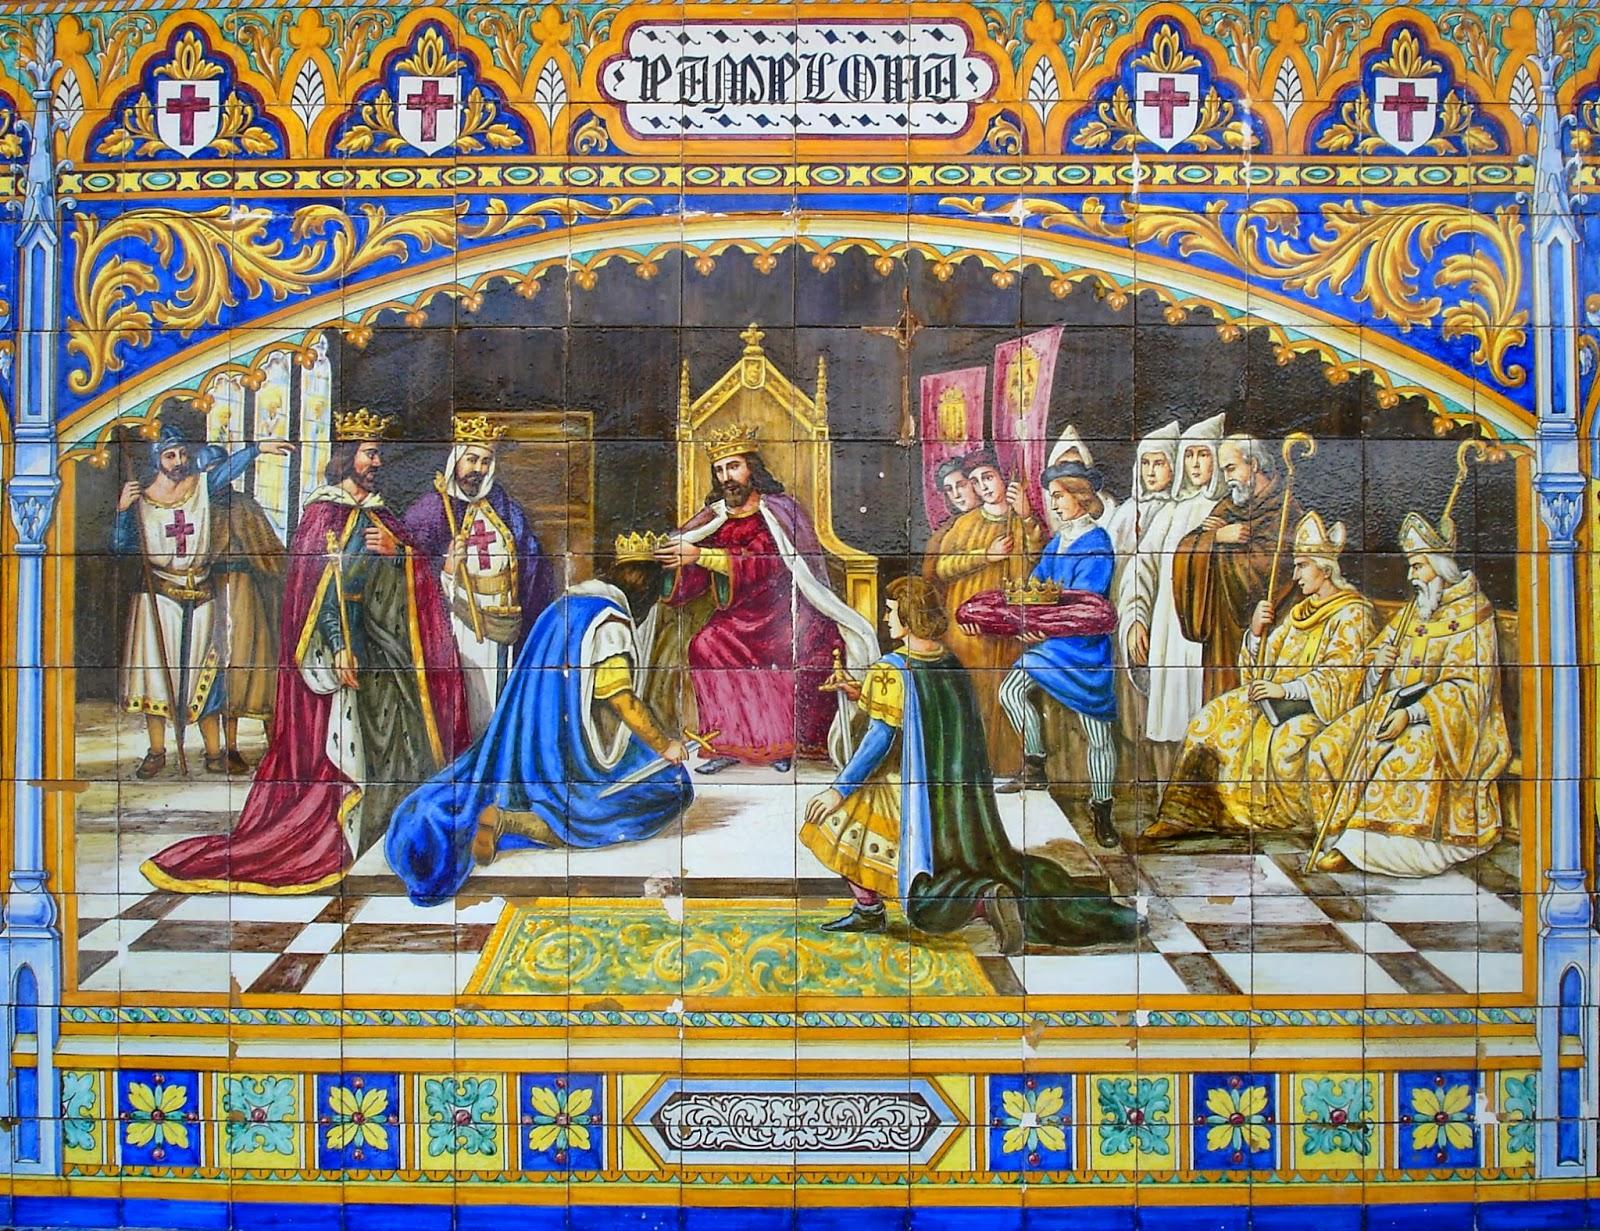 Otra historia de espa a sancho iii rey de navarra a o 1004 for El rey de los azulejos